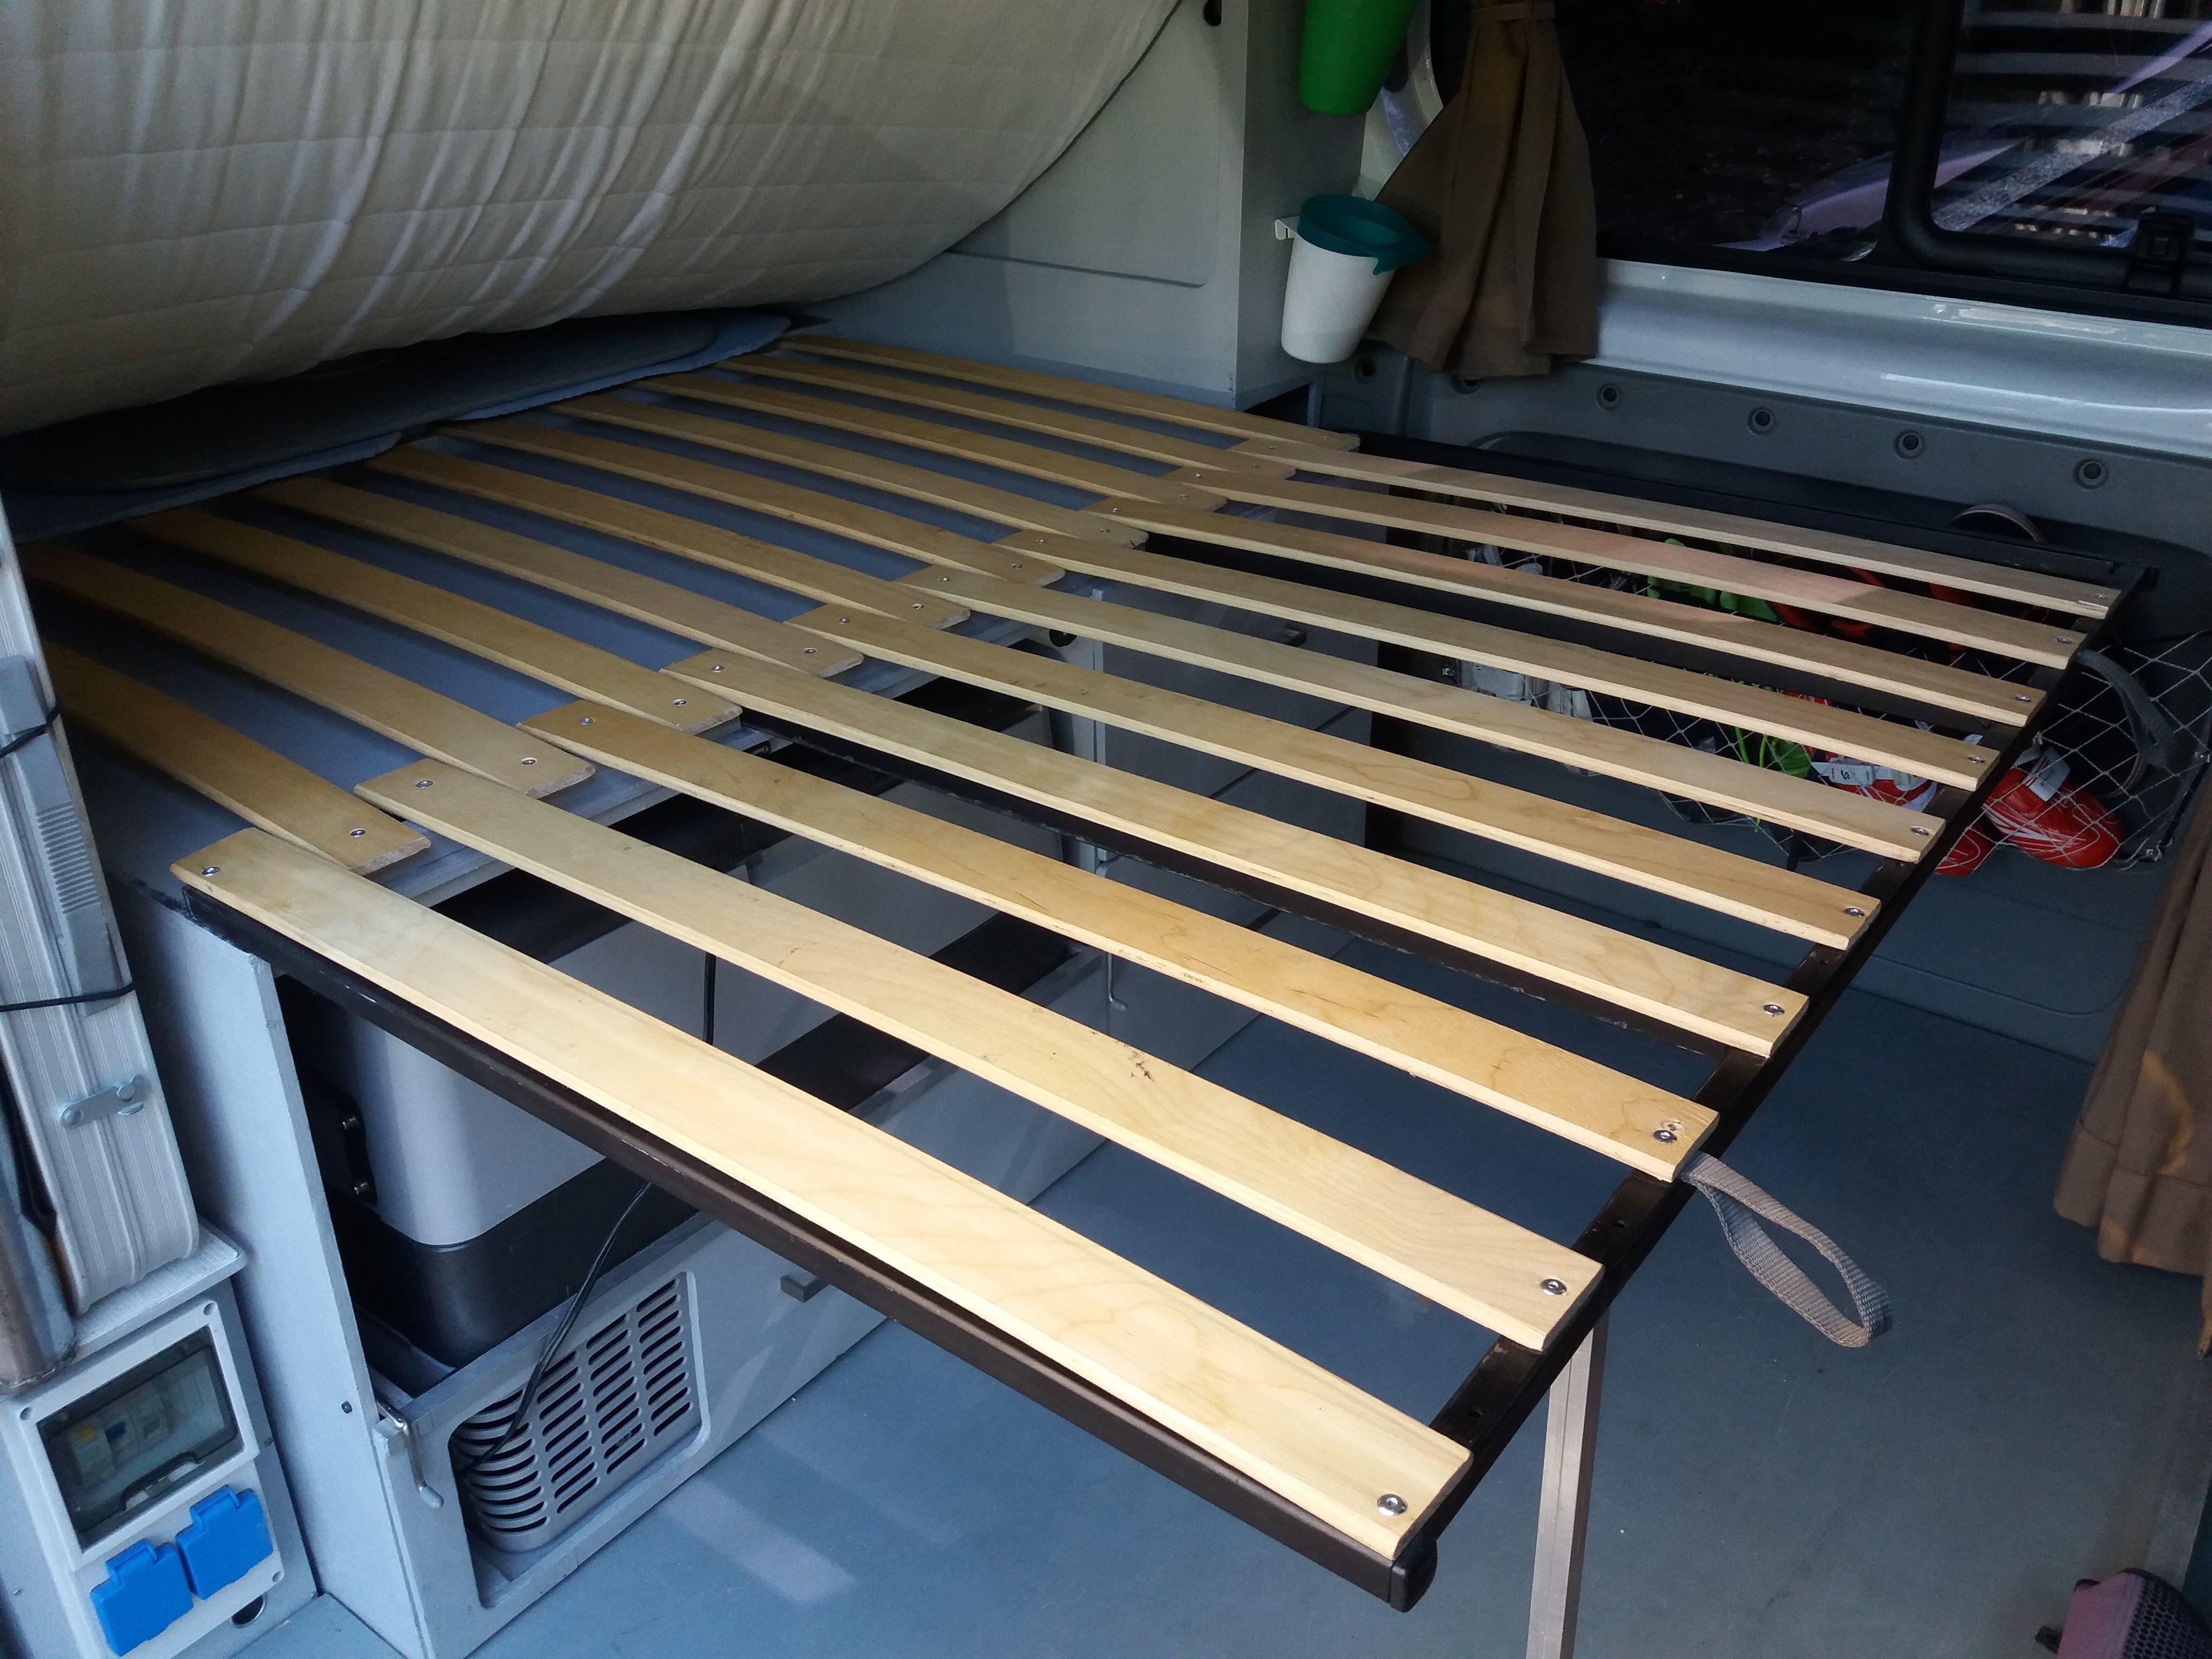 am nagement couchage lit 120x190cm renault trafic trafic succ s et sur mesure. Black Bedroom Furniture Sets. Home Design Ideas